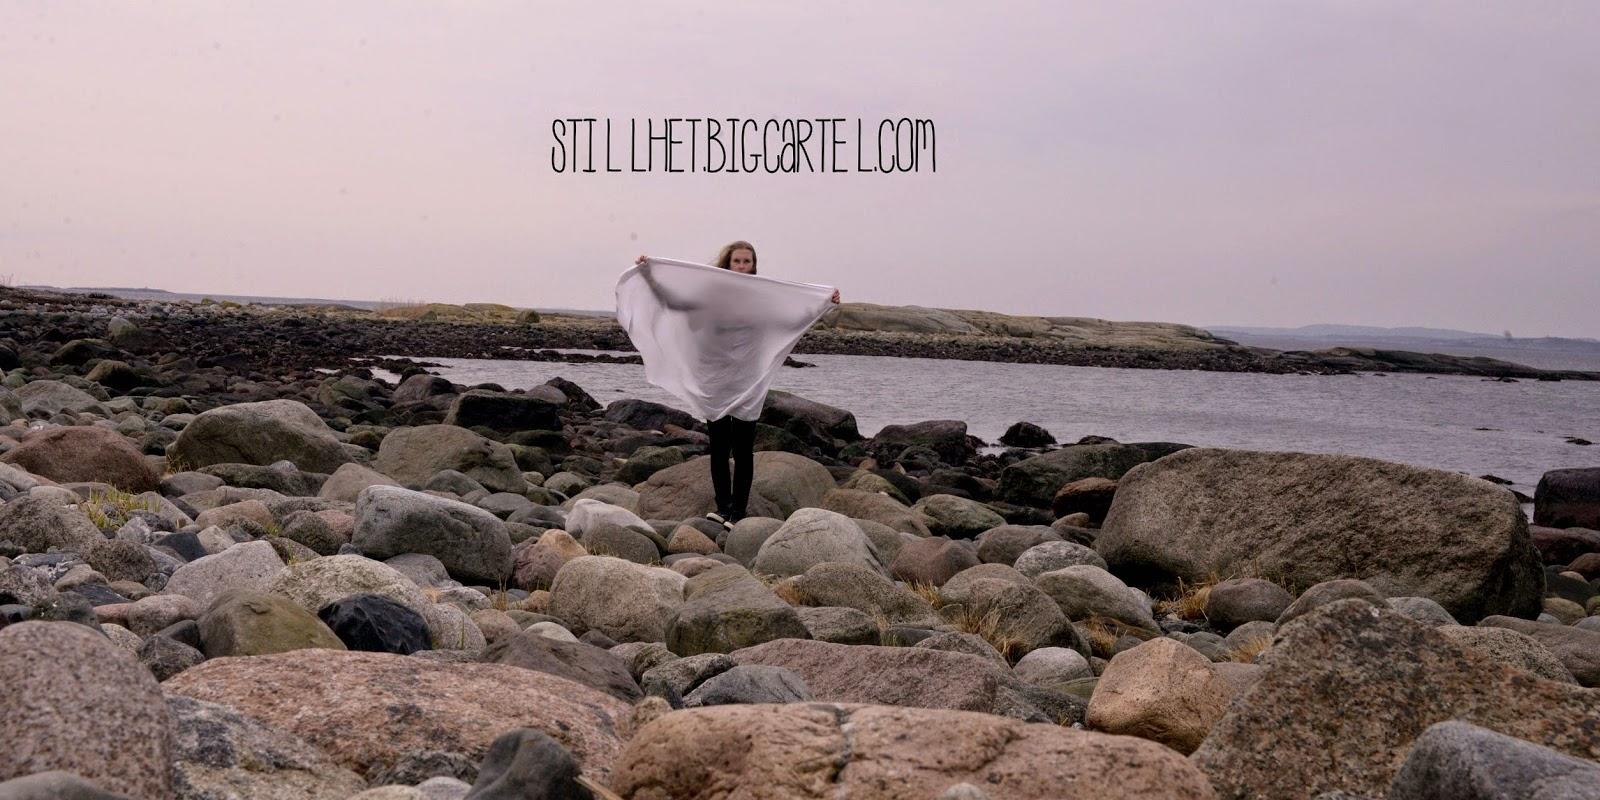 http://stillhet.bigcartel.com